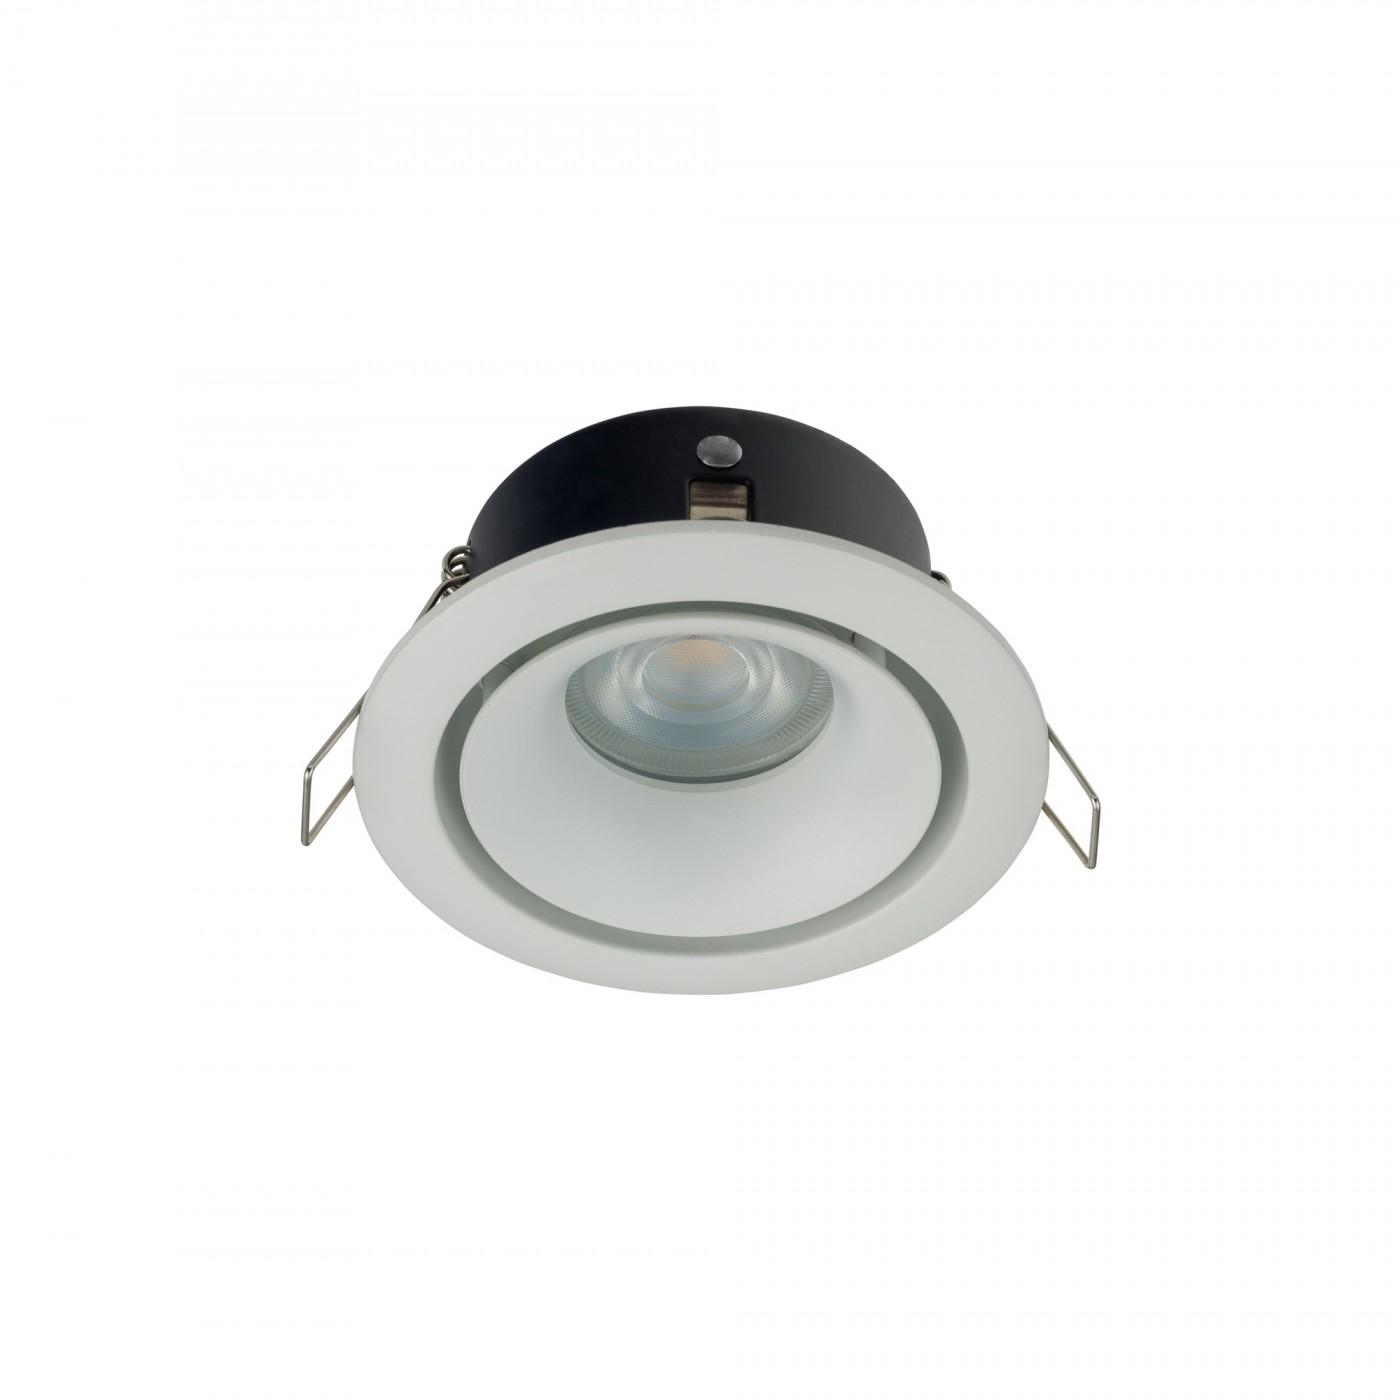 FOXTROT white 8373 Nowodvorski Lighting